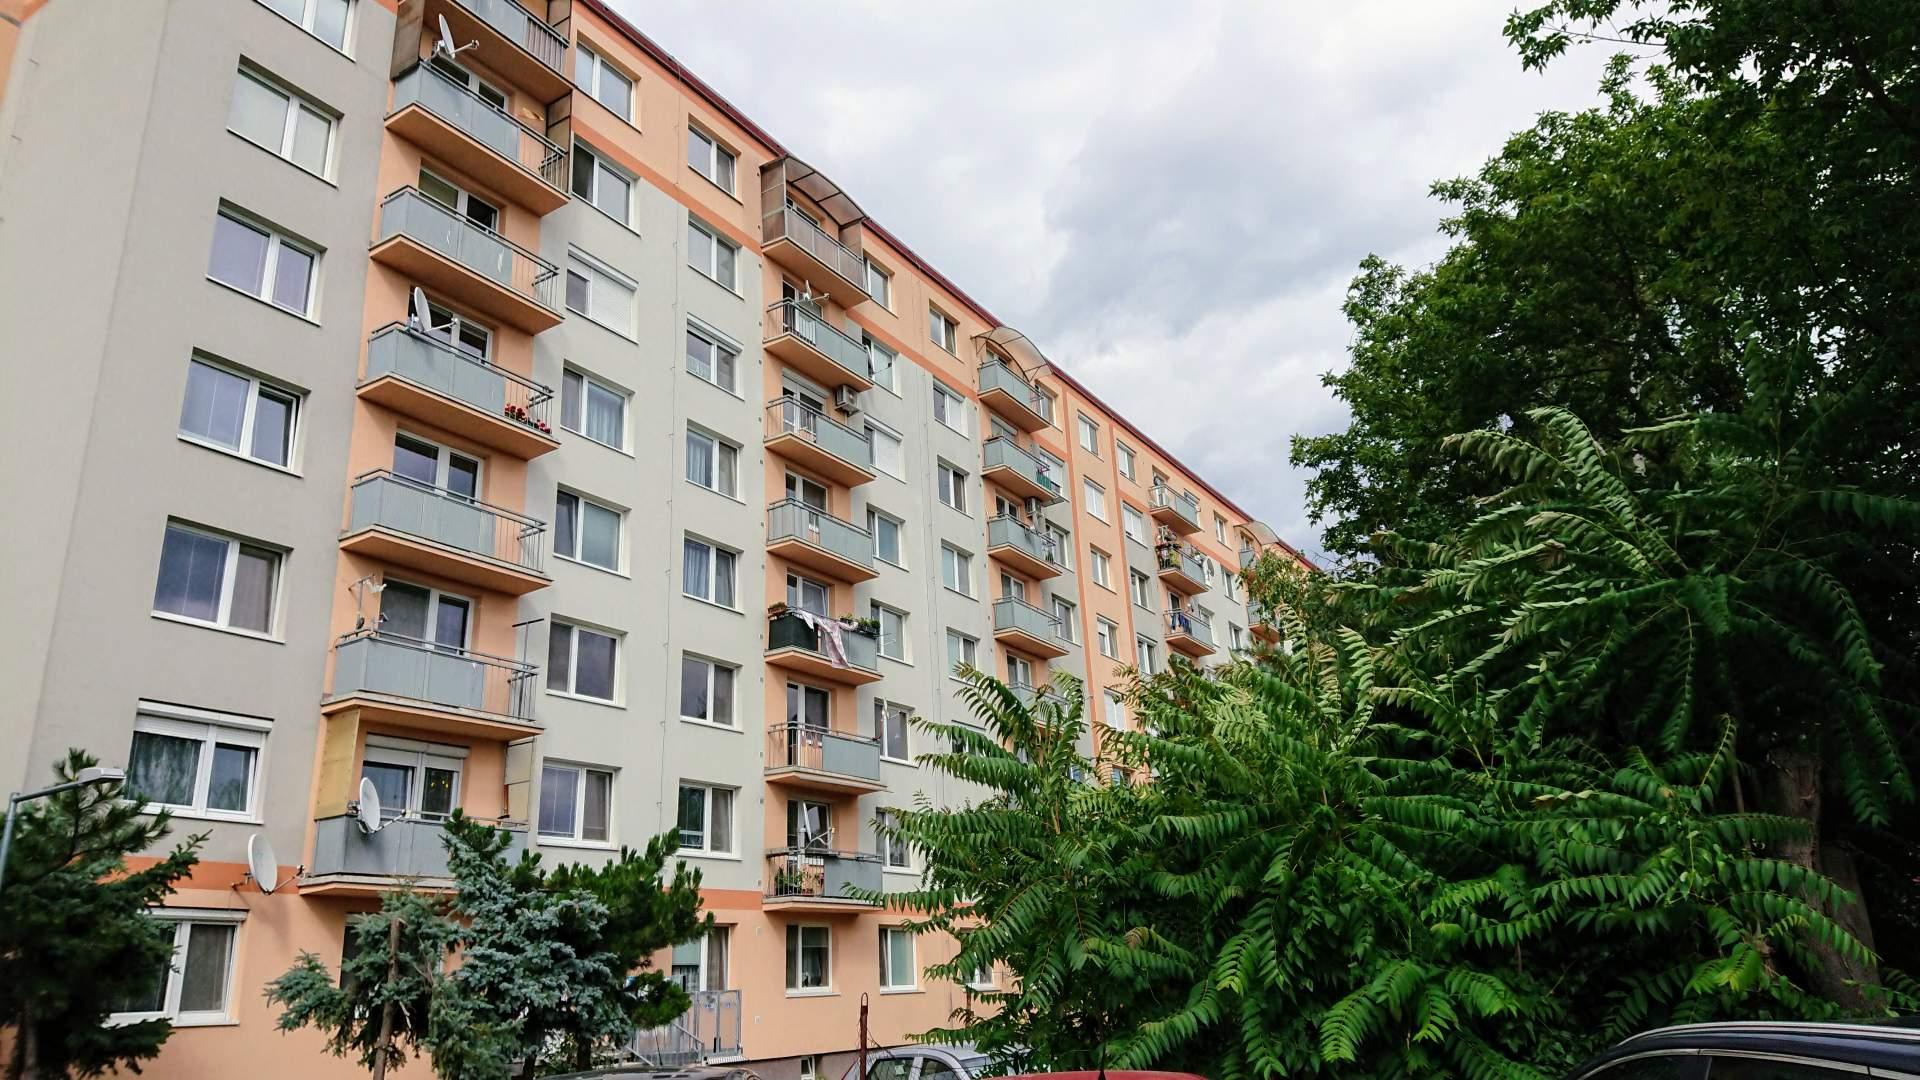 Predaj trojizbového bytu Hurbanova ulica Piešťany